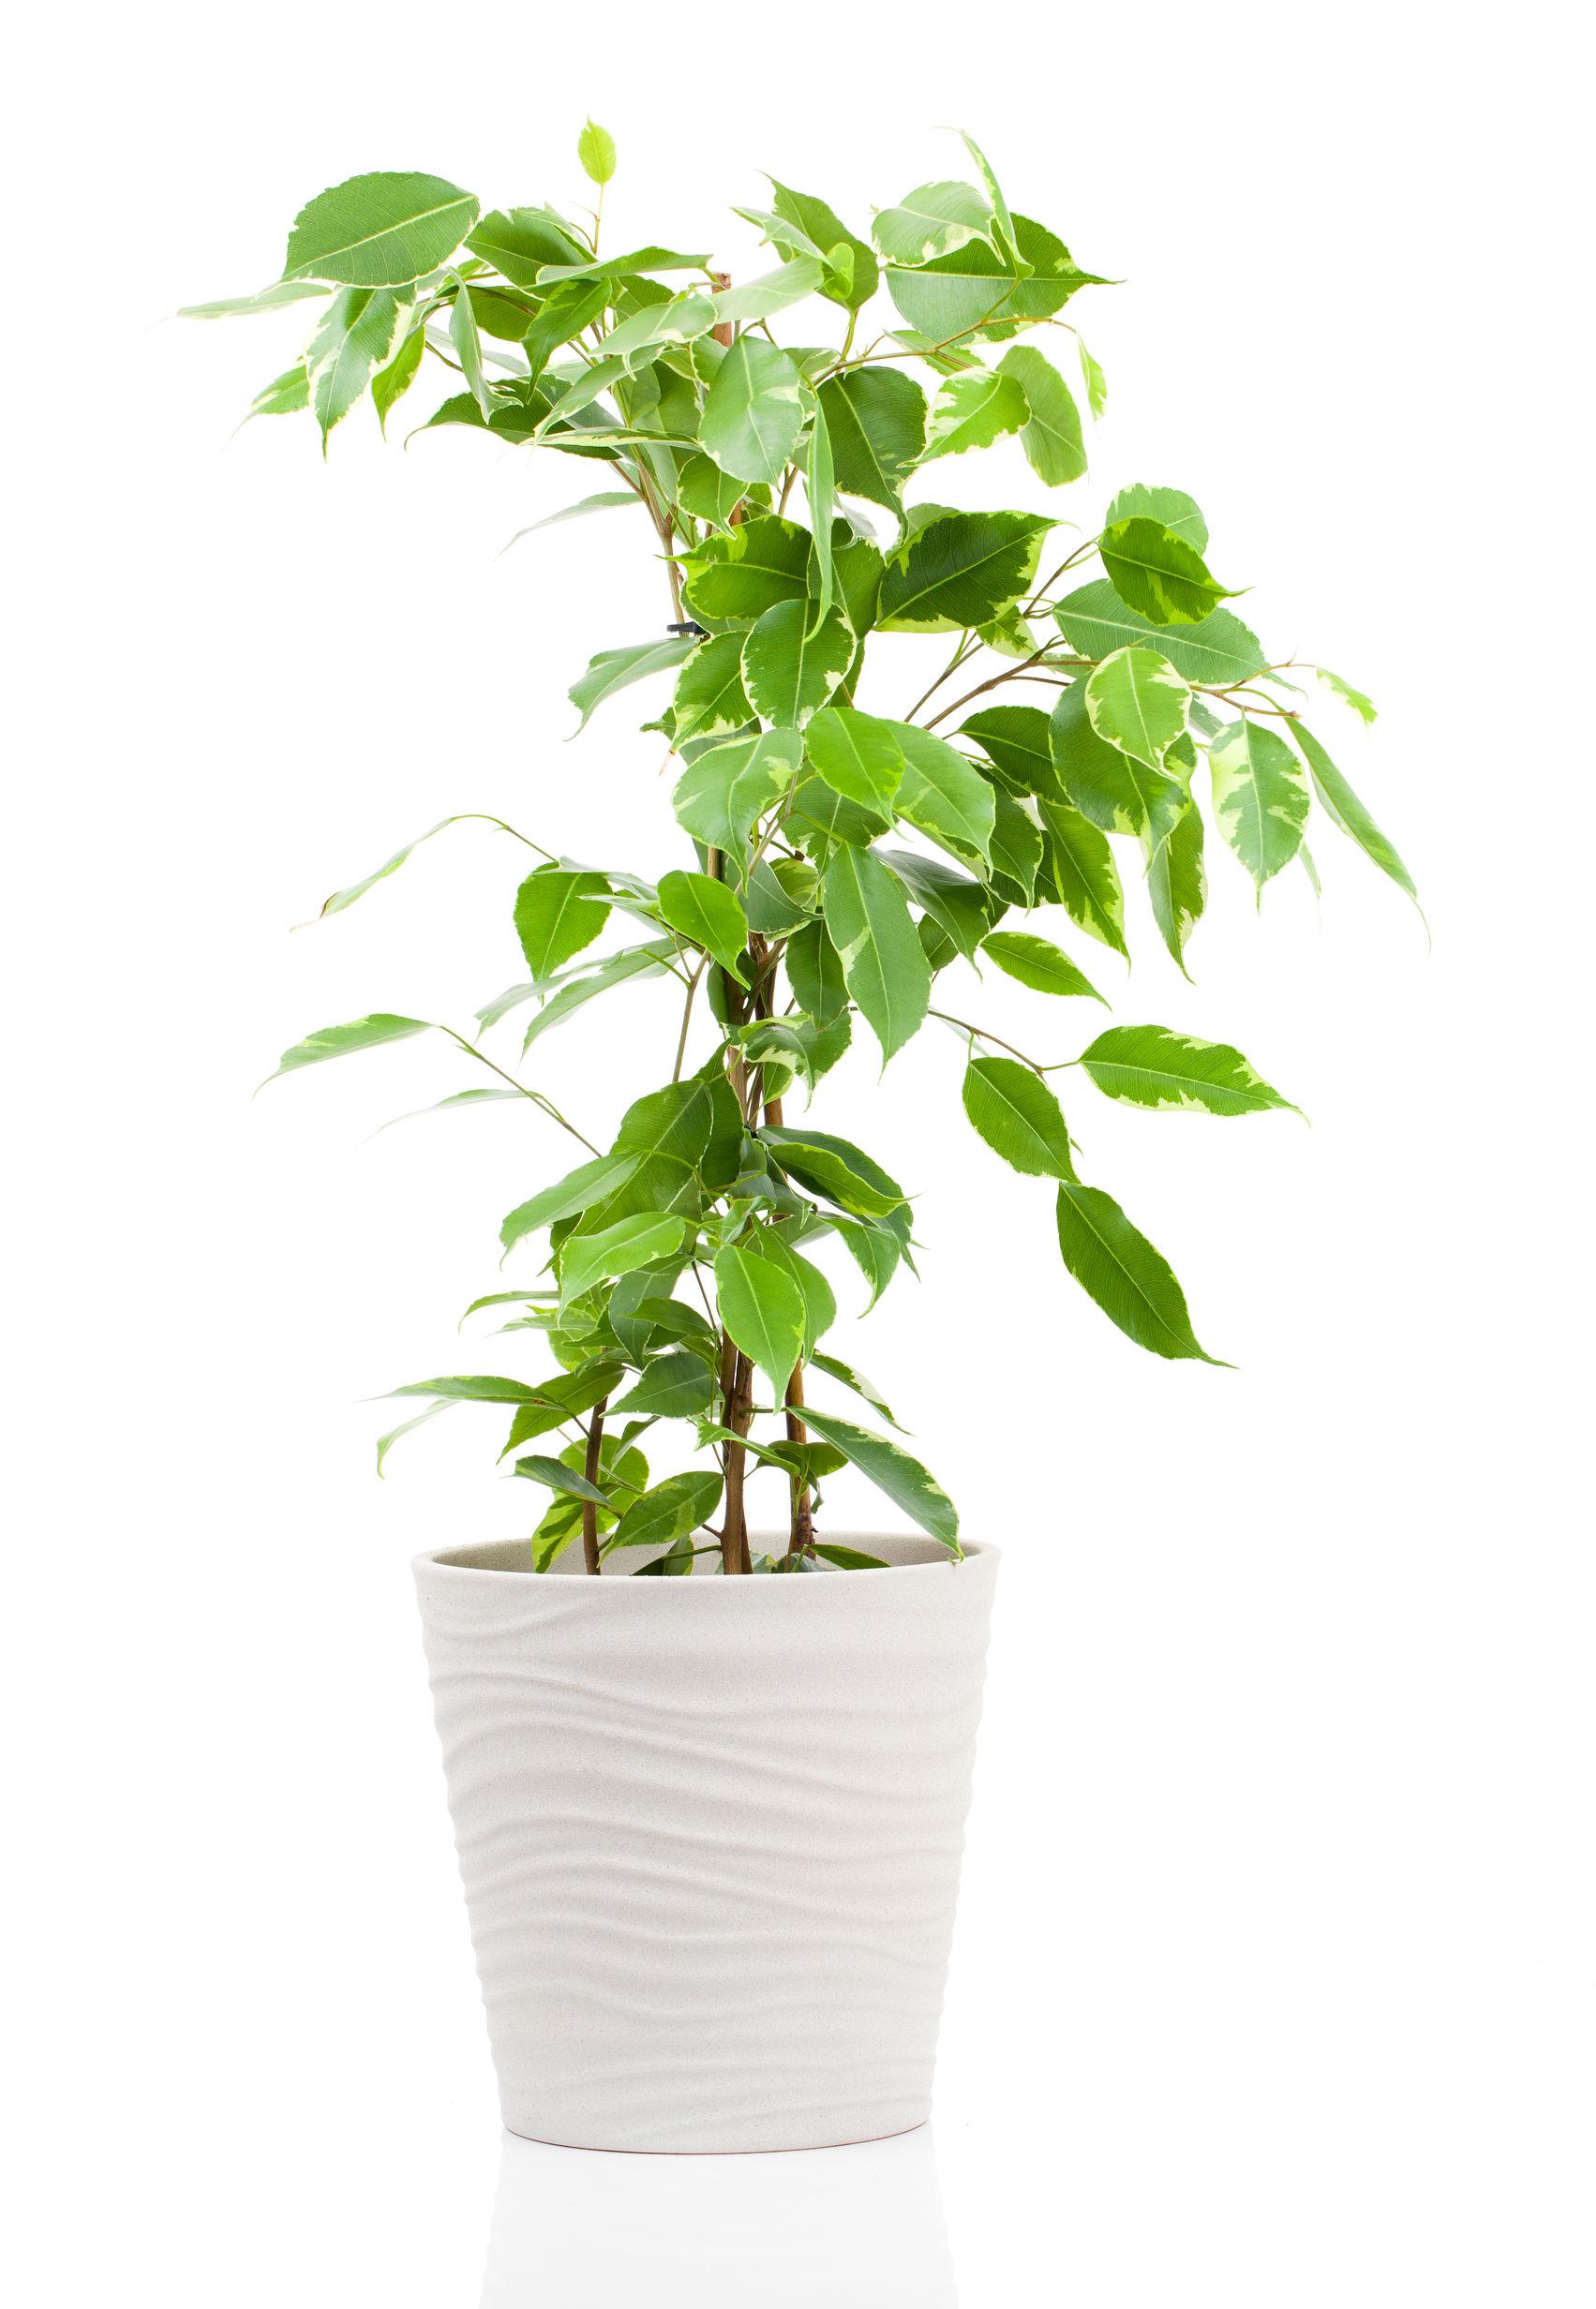 Ficus benjamina indoor plants